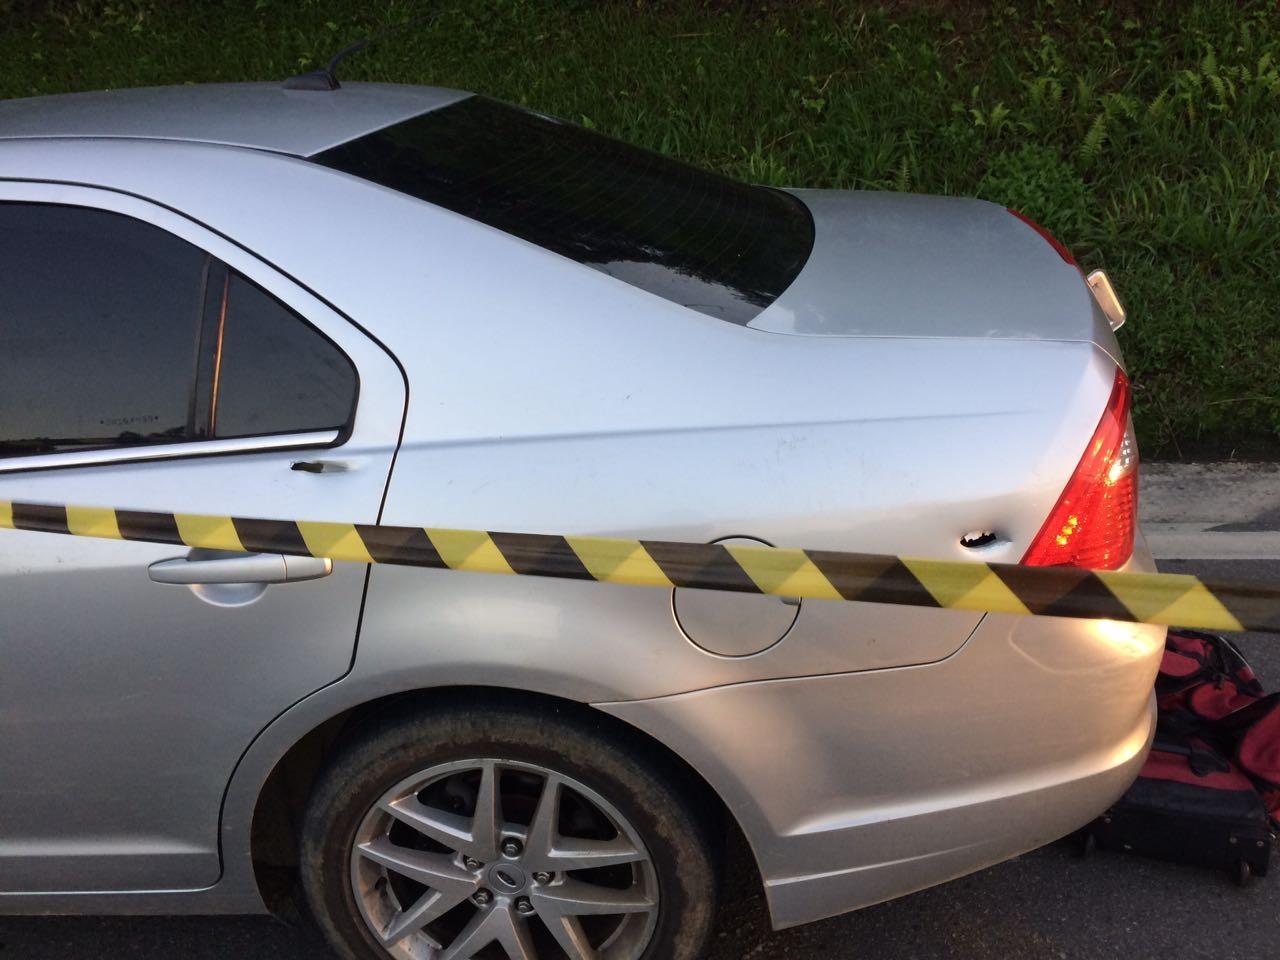 Veículo foi abandonado à margem da rodovia com explosivos - Polícia Militar/Divulgação